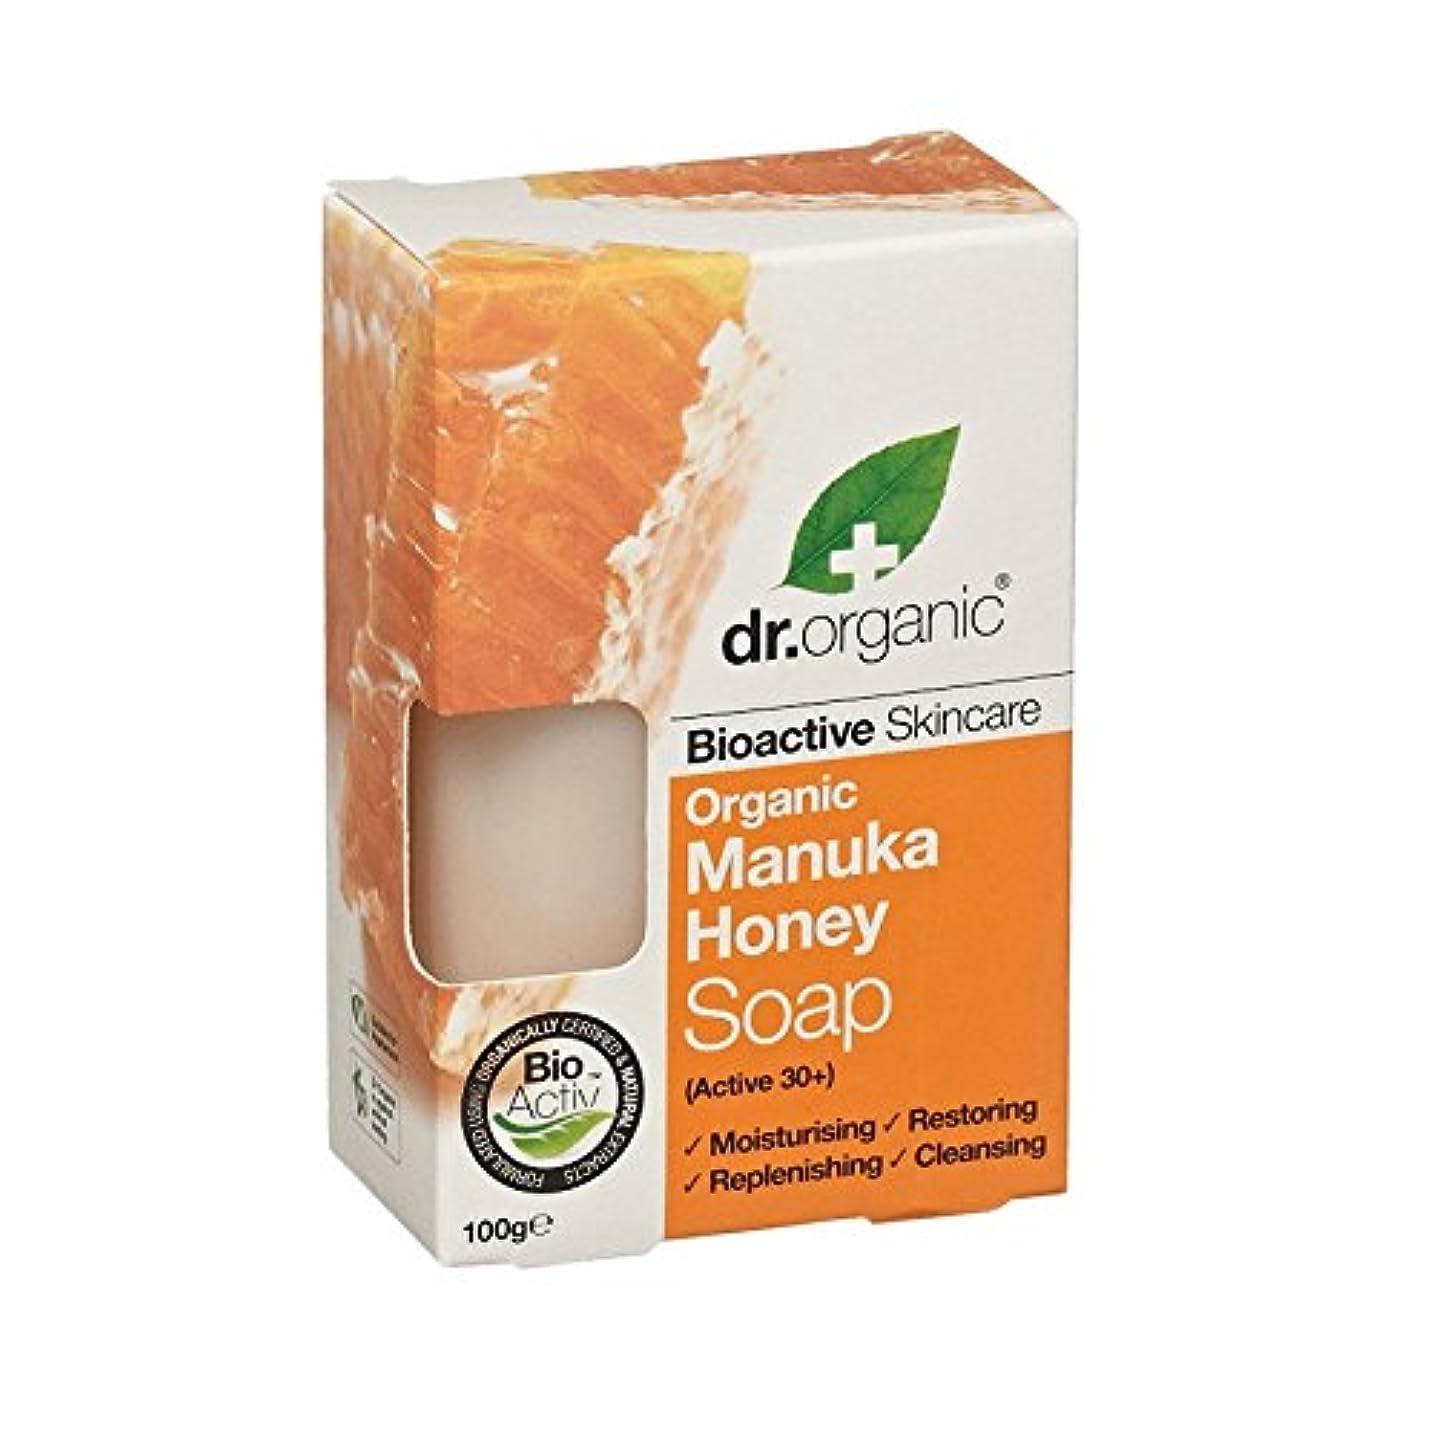 Dr有機マヌカハニーソープ - Dr Organic Manuka Honey Soap (Dr Organic) [並行輸入品]